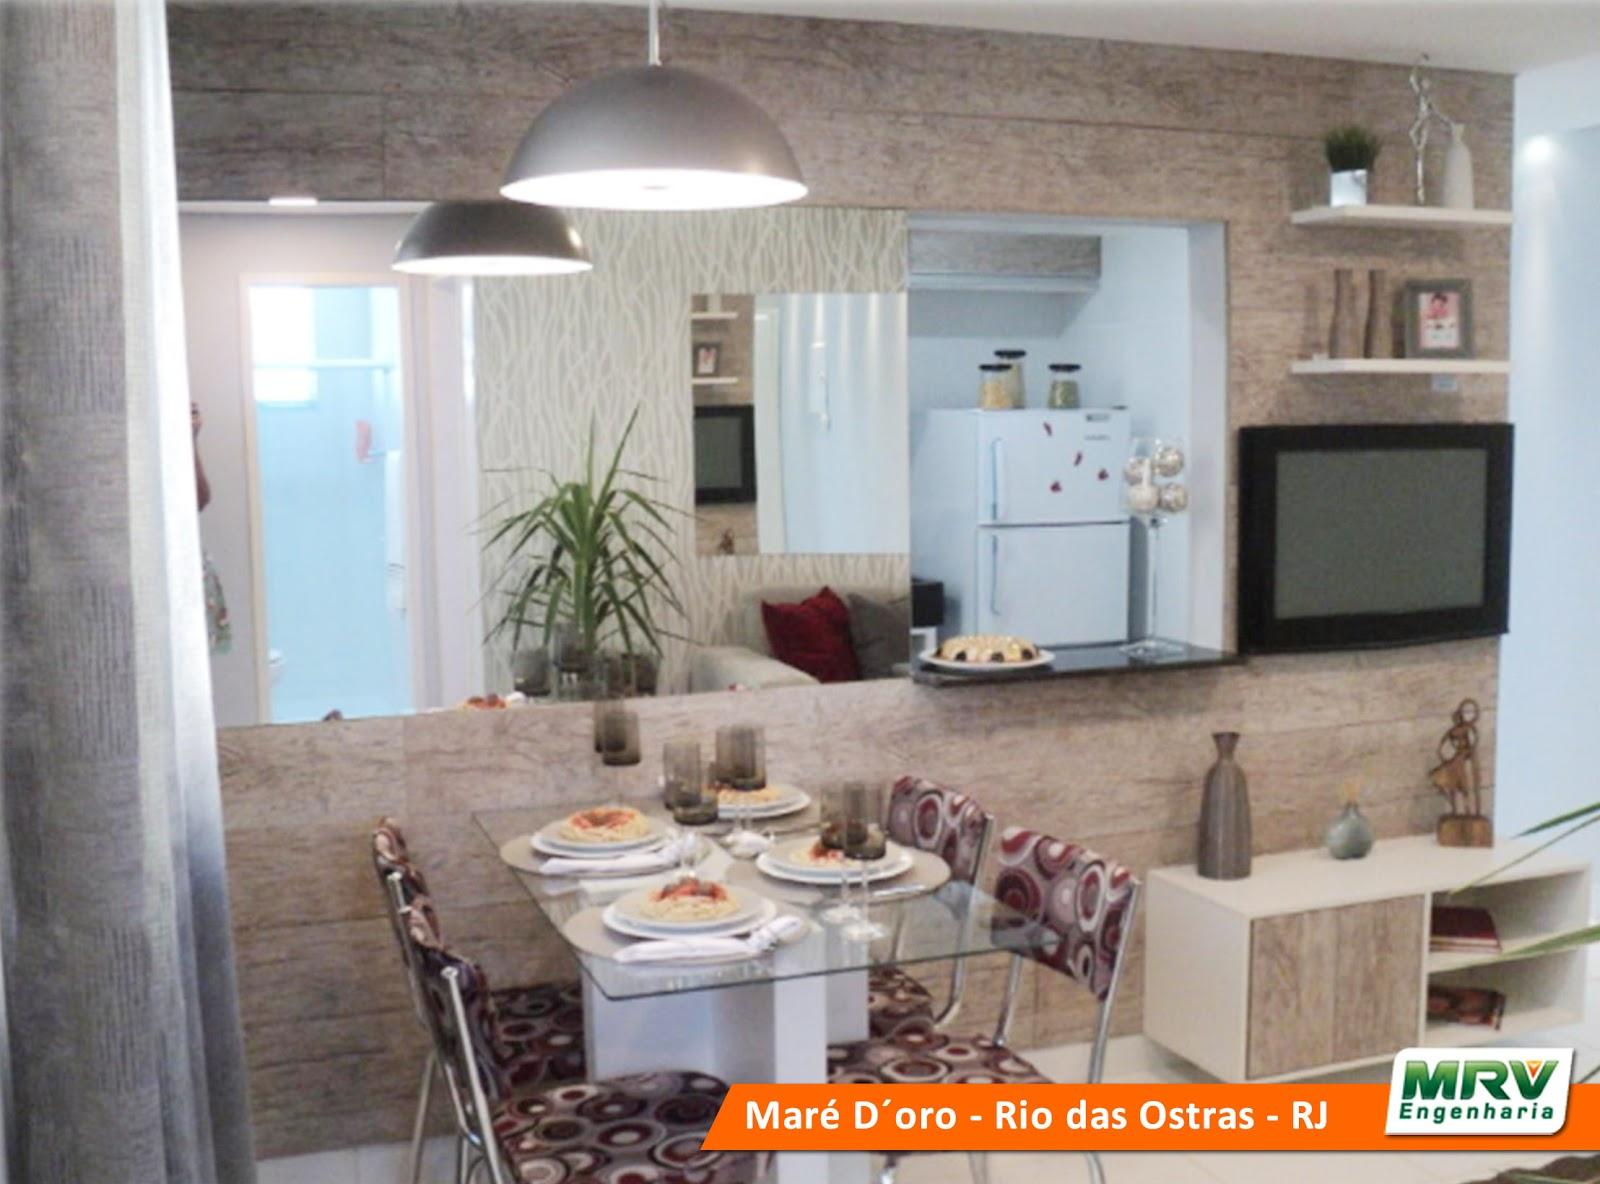 Armario Ingles Wordreference ~ Apartamento decorado em Rio das Ostras RJ u00c2ngela Almeida Corretora